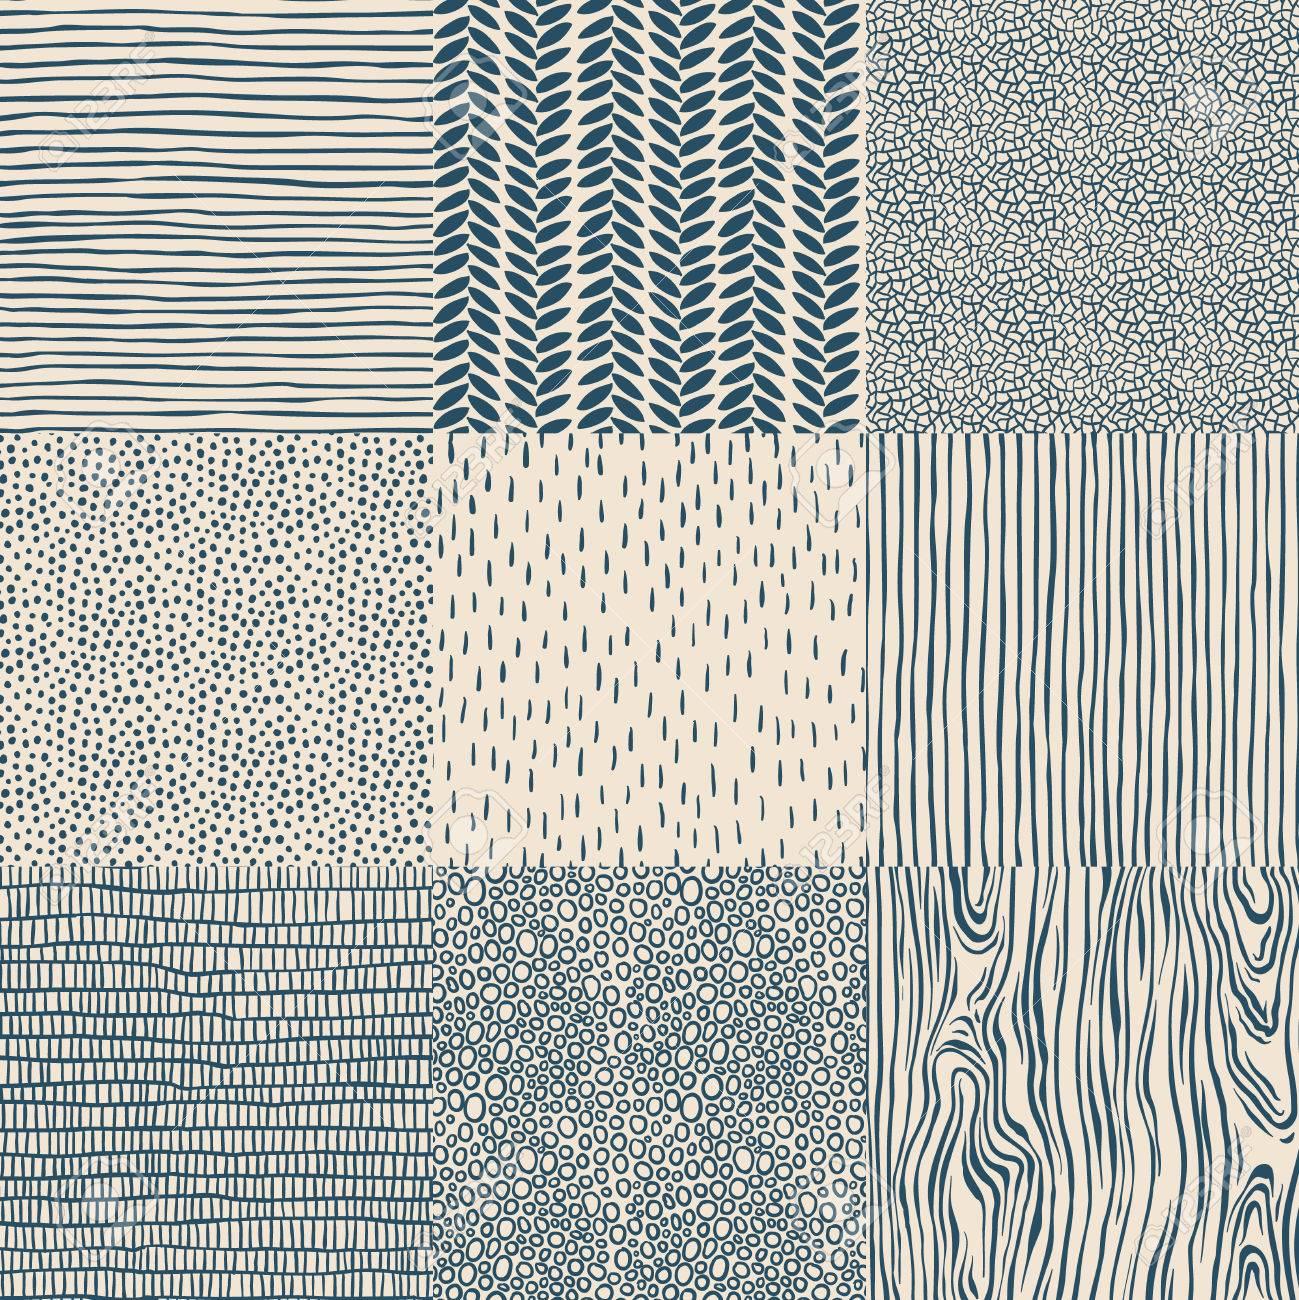 Seamless floral vintage pattern set, vector illustration. Standard-Bild - 39767309